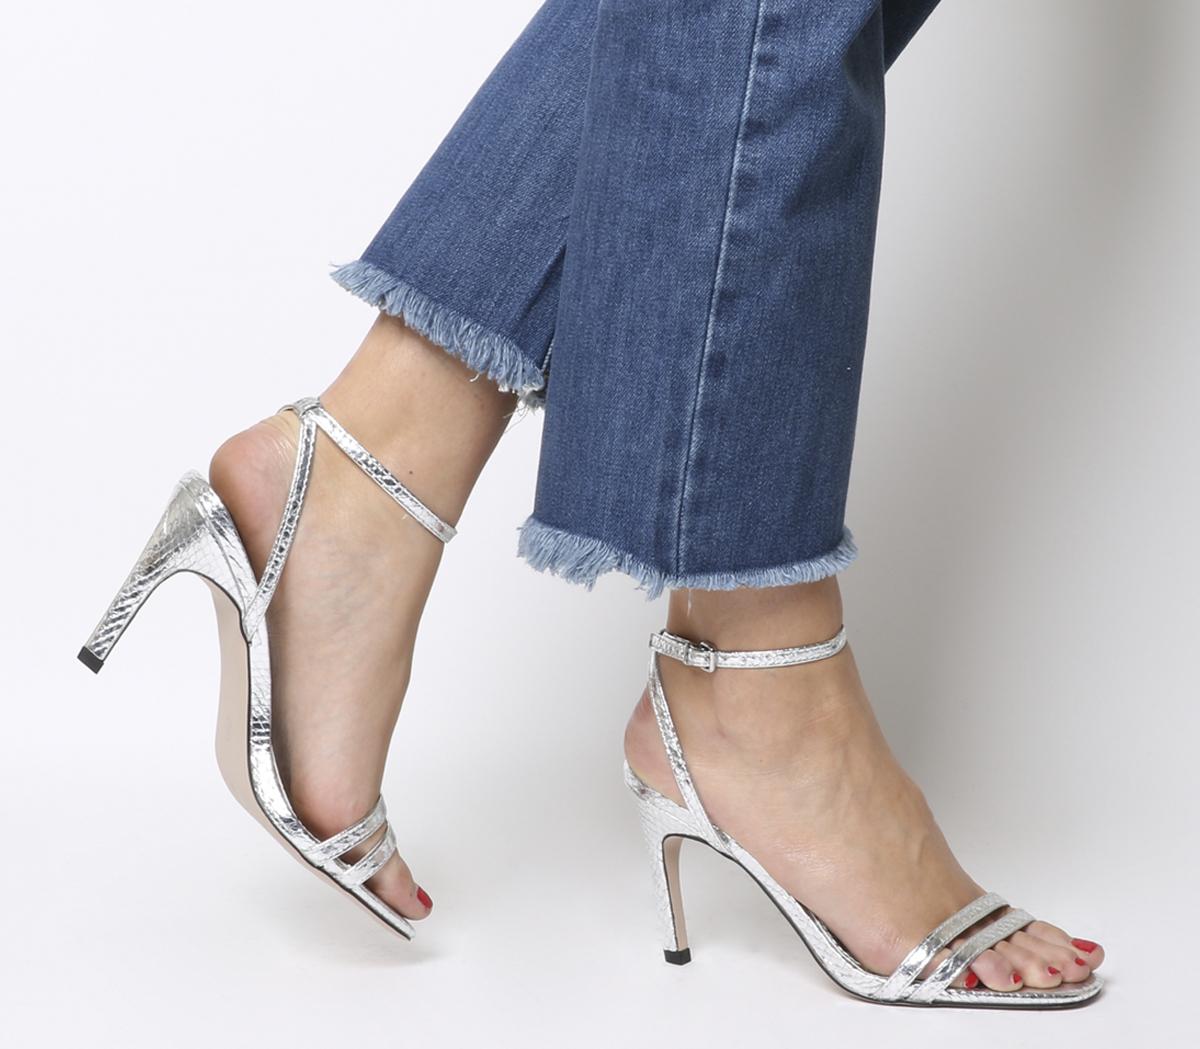 Mujer Zapatos De Tacón Puntera Puntera Puntera Cuadrada Oficina Mojito tacones de serpiente plata 0ab574